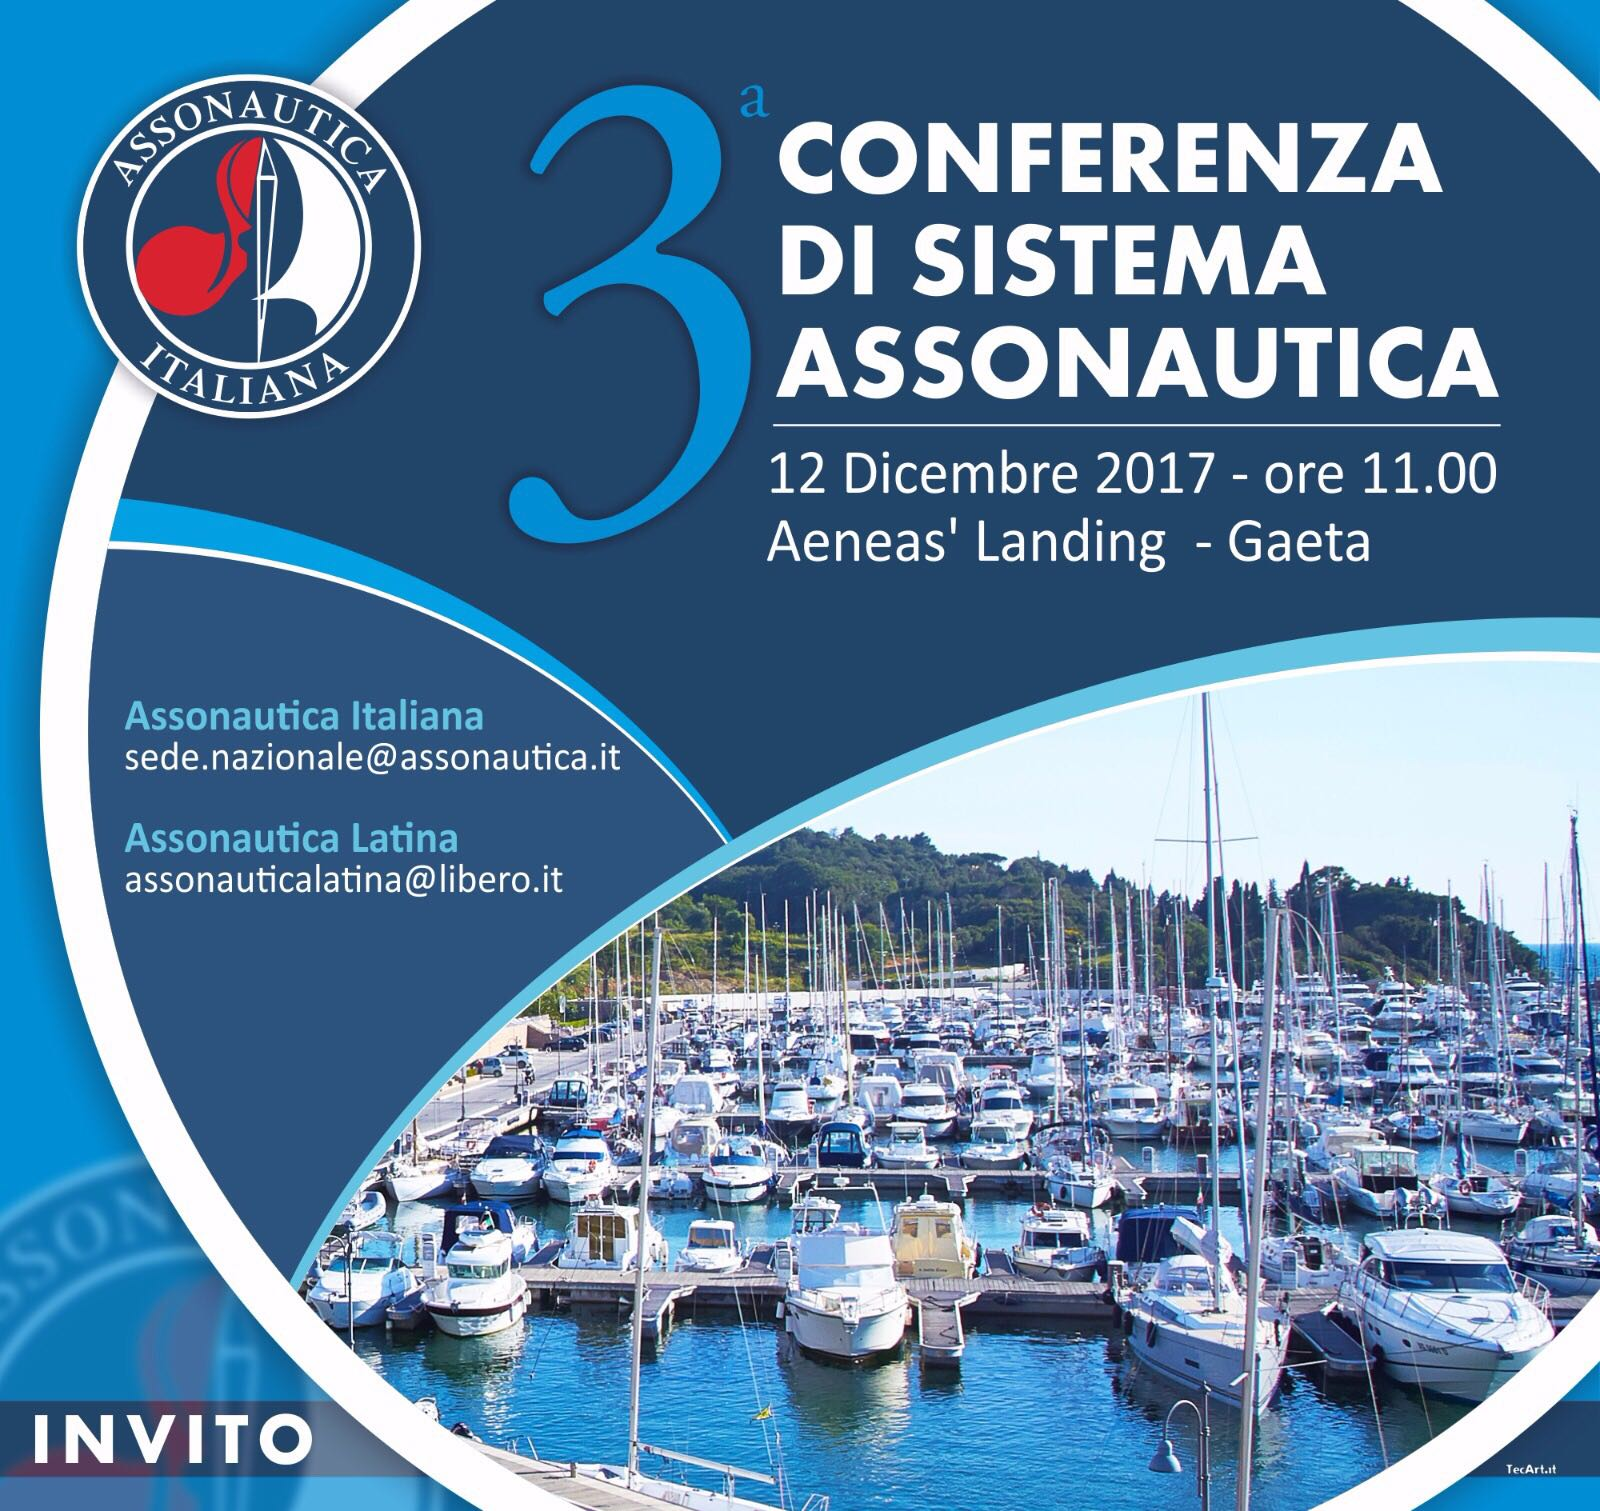 Conferenza di Sistema